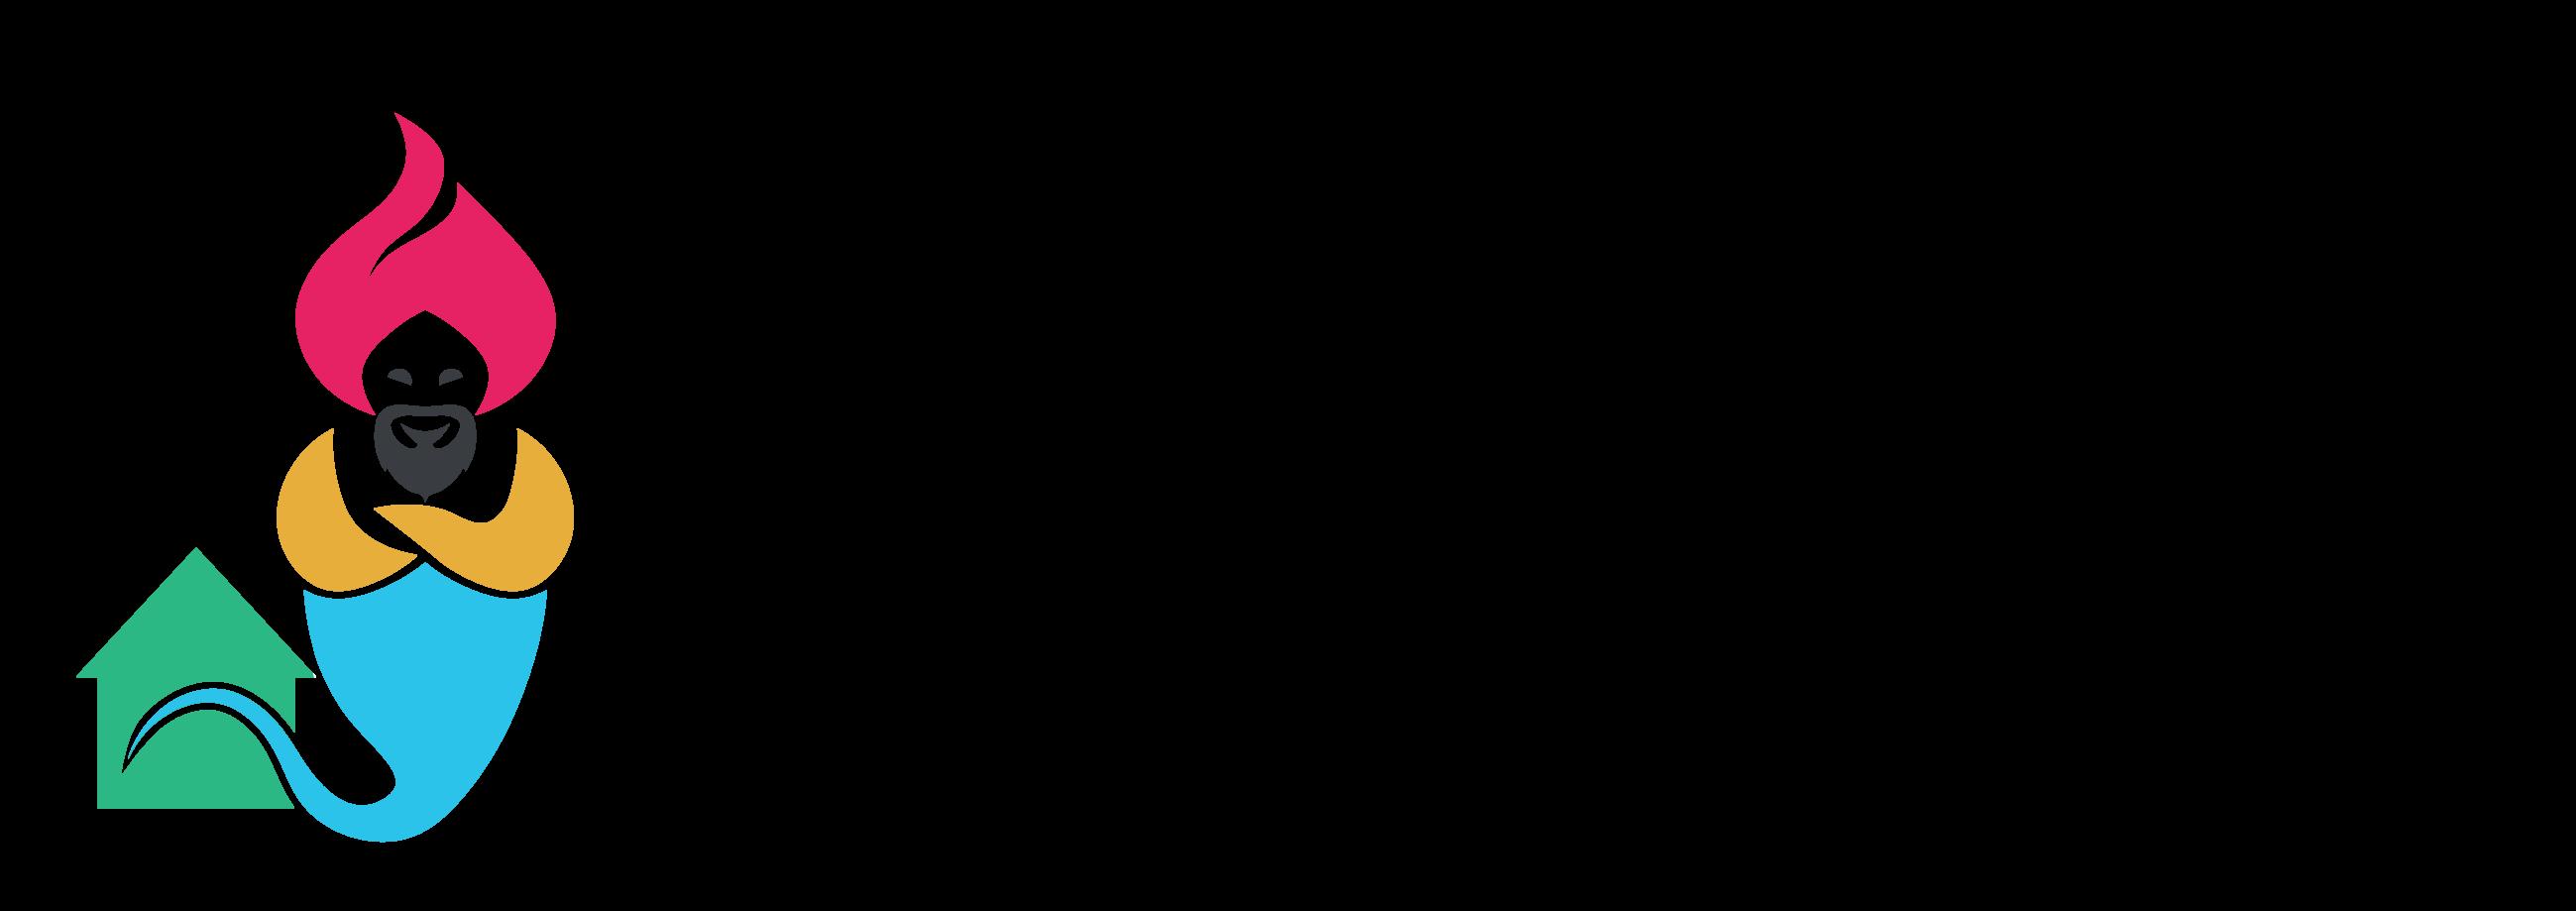 RoomPrice-Genie-logo-1